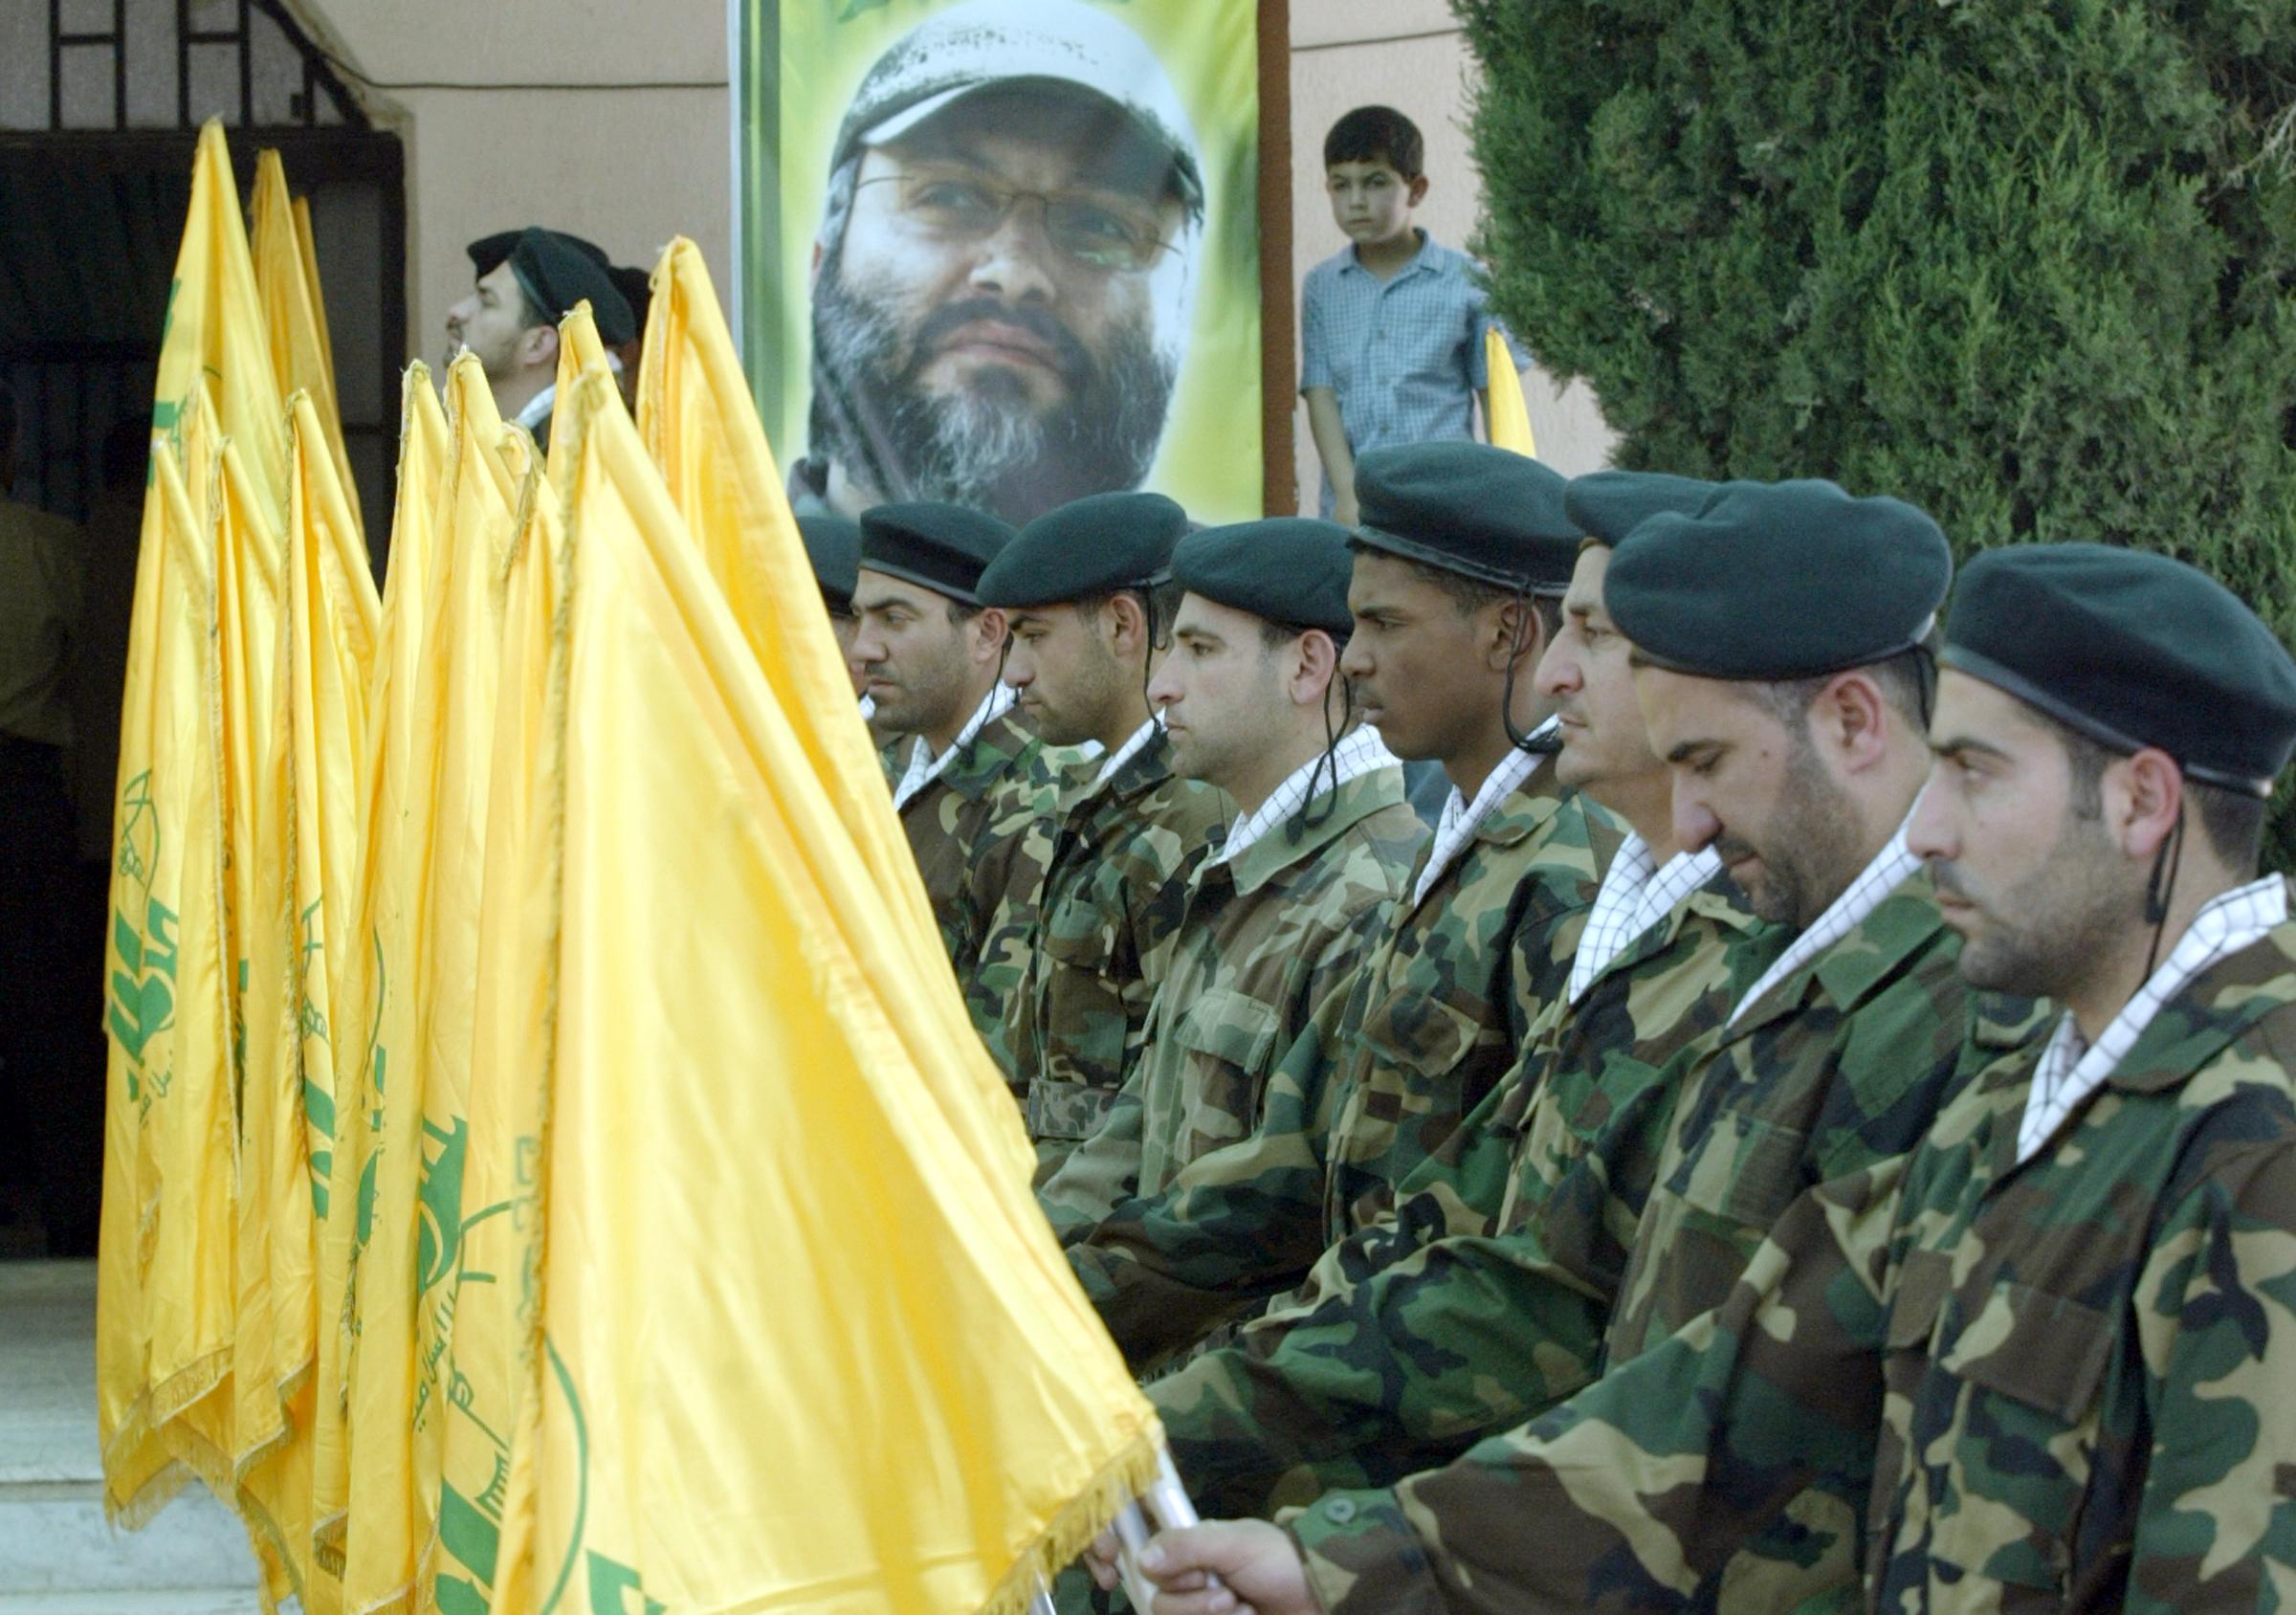 العديد من دول العالم صنفت حزب الله بجناحيه منظمة إرهابية